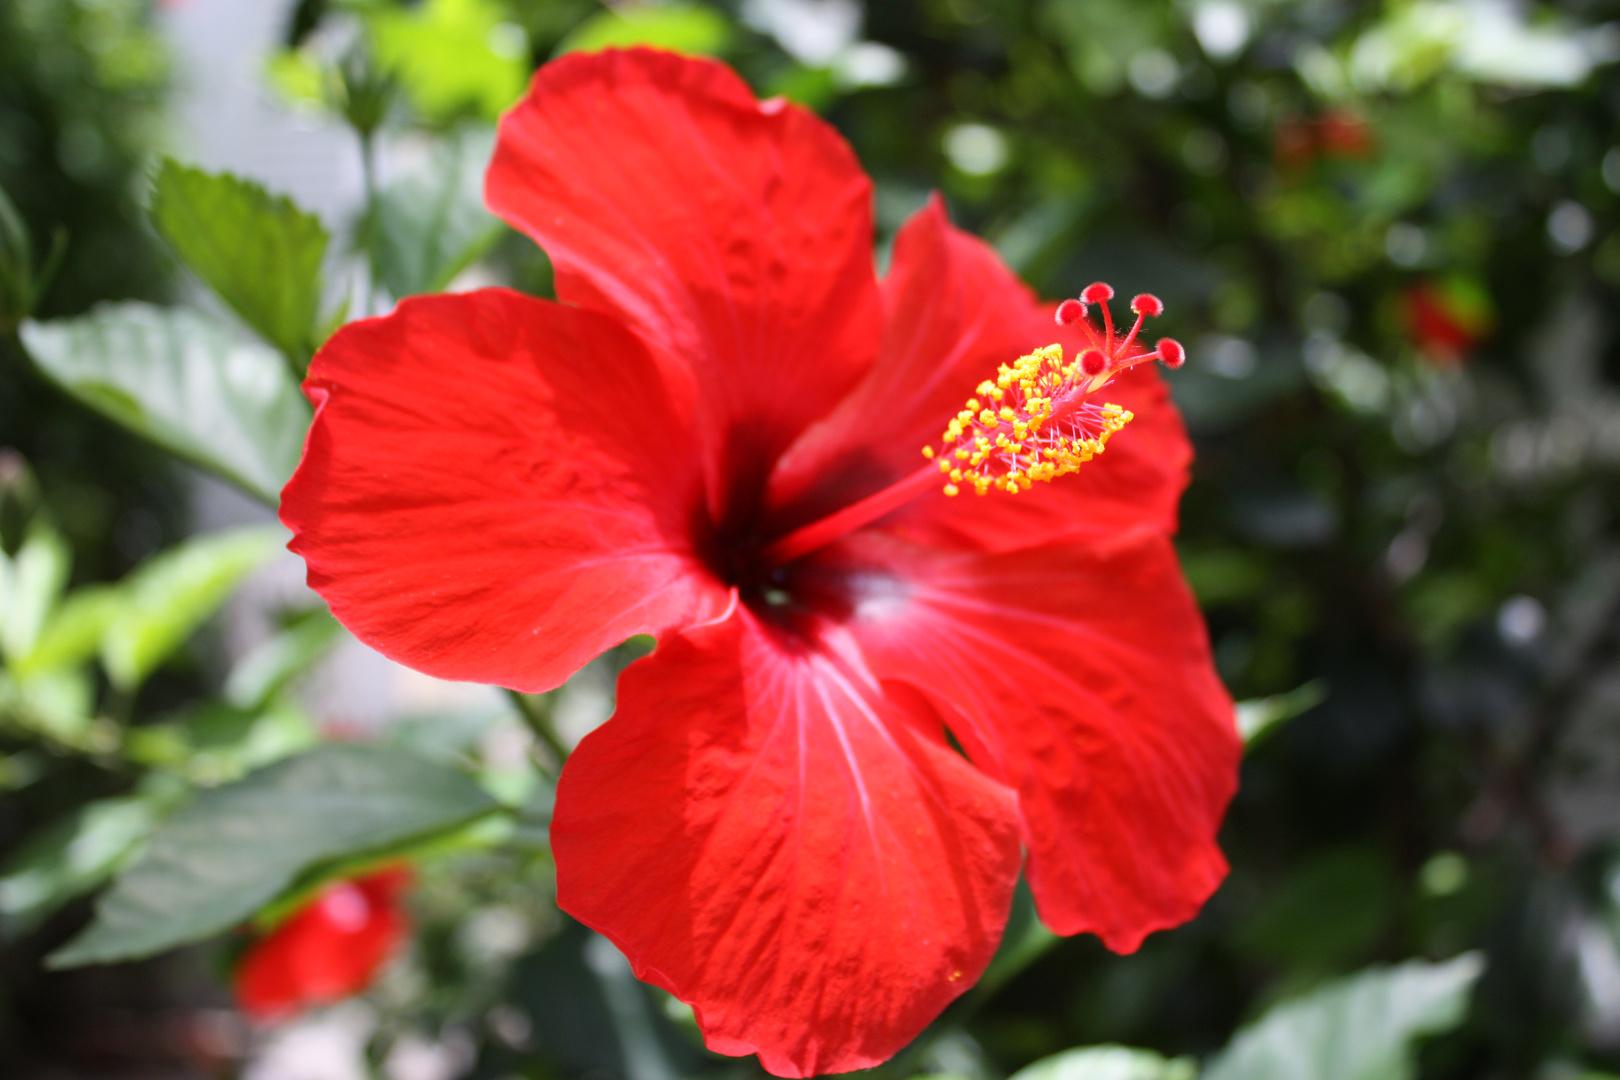 hibiskus sosch n kann rot aussehen foto bild pflanzen pilze flechten bl ten. Black Bedroom Furniture Sets. Home Design Ideas